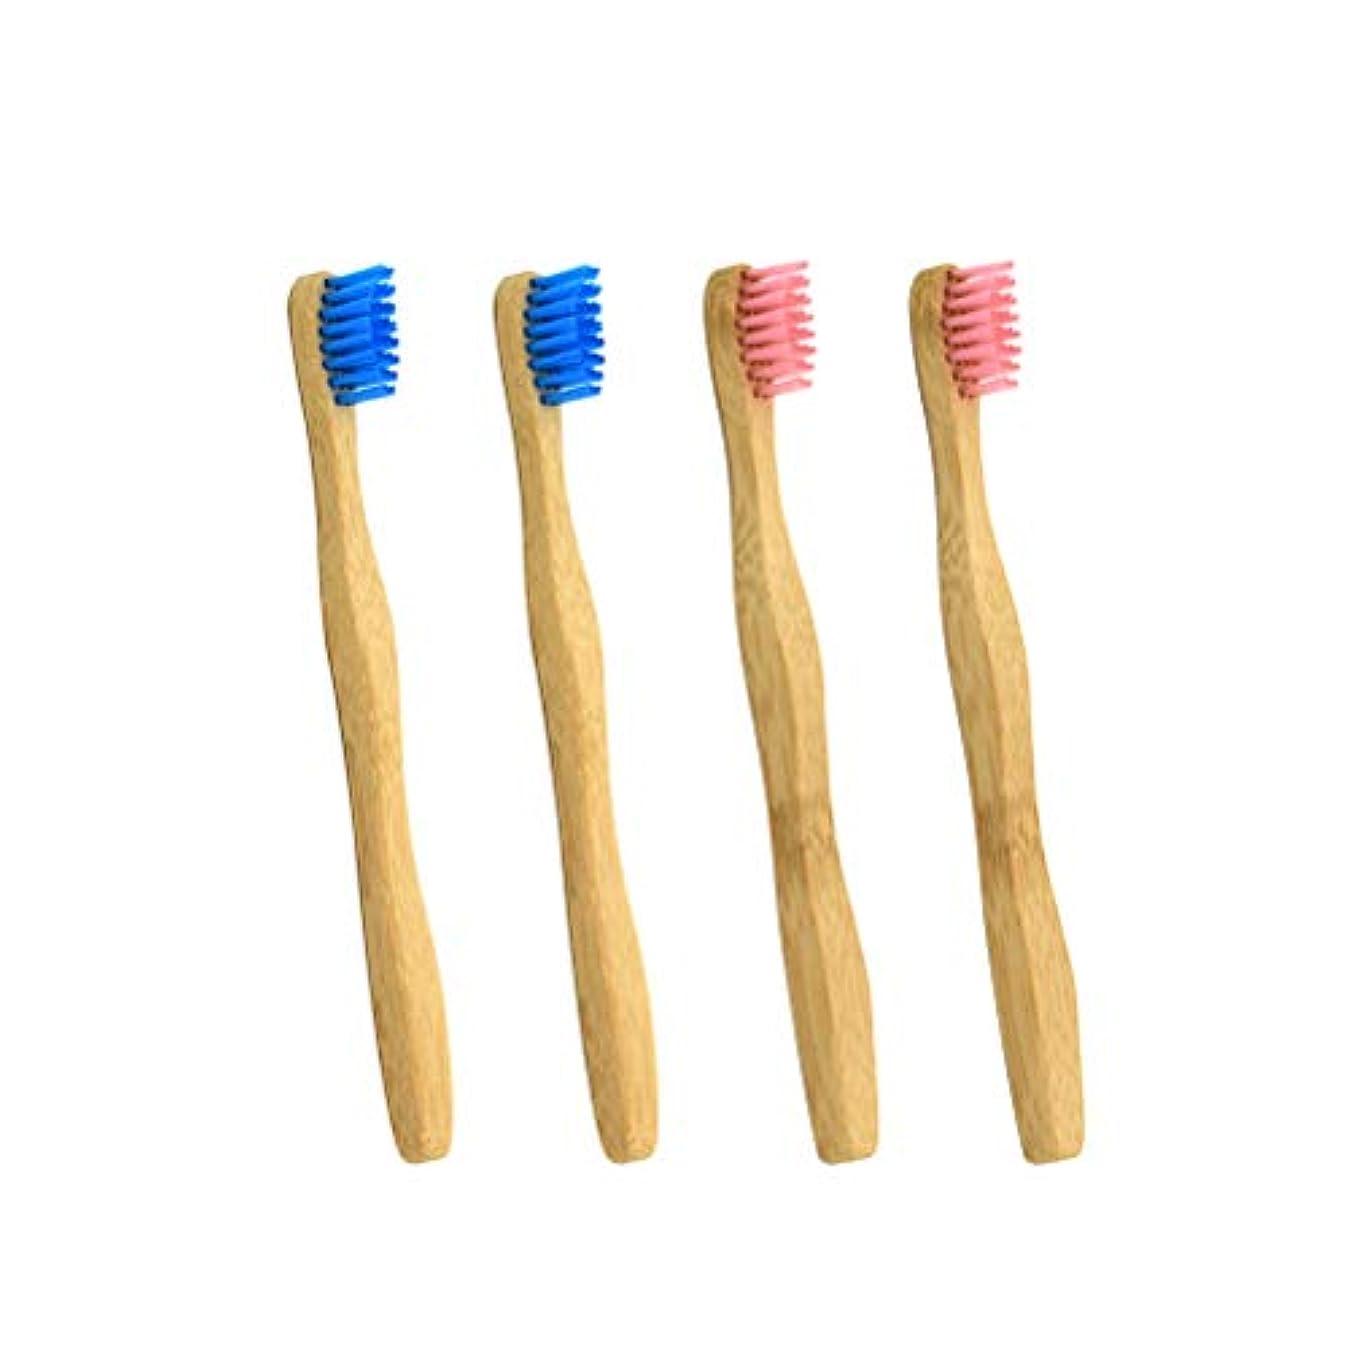 キャンプ機関限定HEALIFTY 子供の竹の歯ブラシ環境に優しい抗菌性の子供の歯ブラシ4本